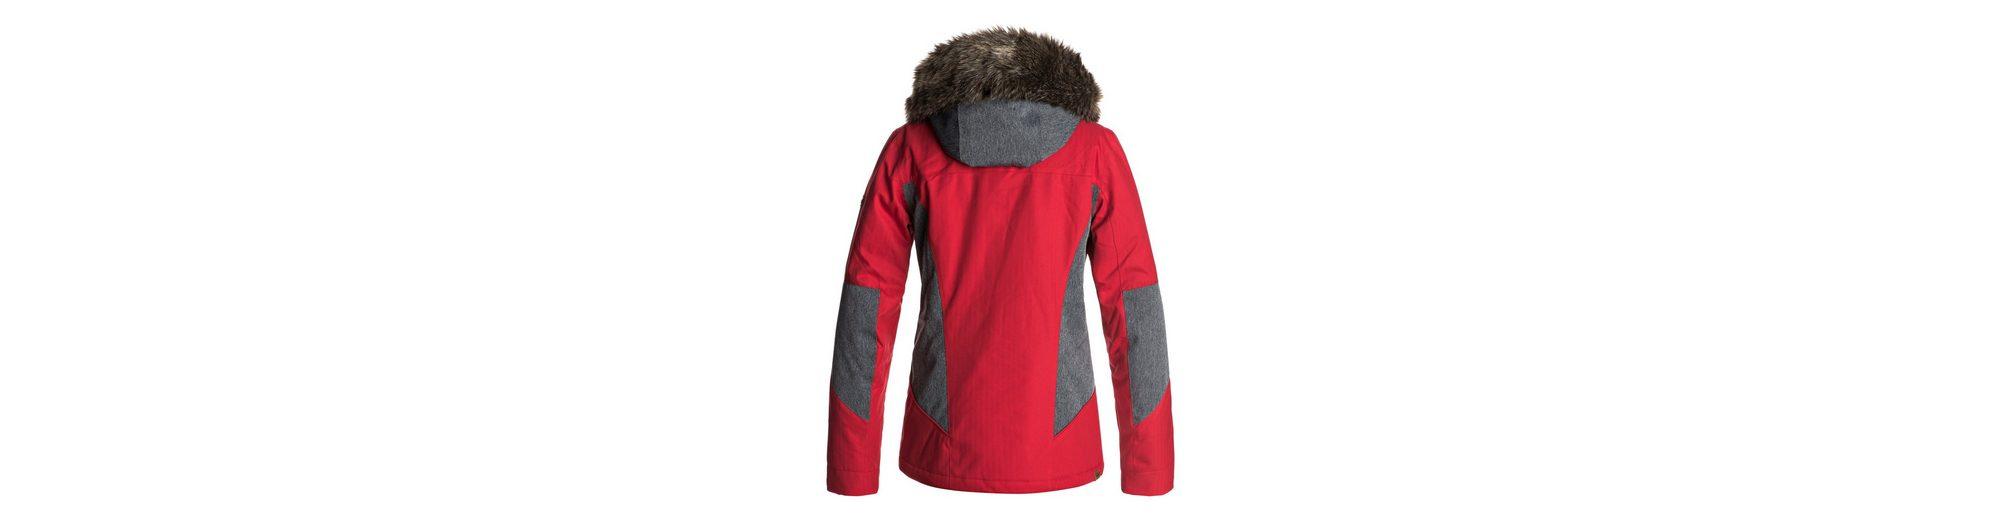 Jacke Roxy Snow Jacke Atmosphere Snow Snow Roxy Atmosphere Roxy Jacke xqfBT81